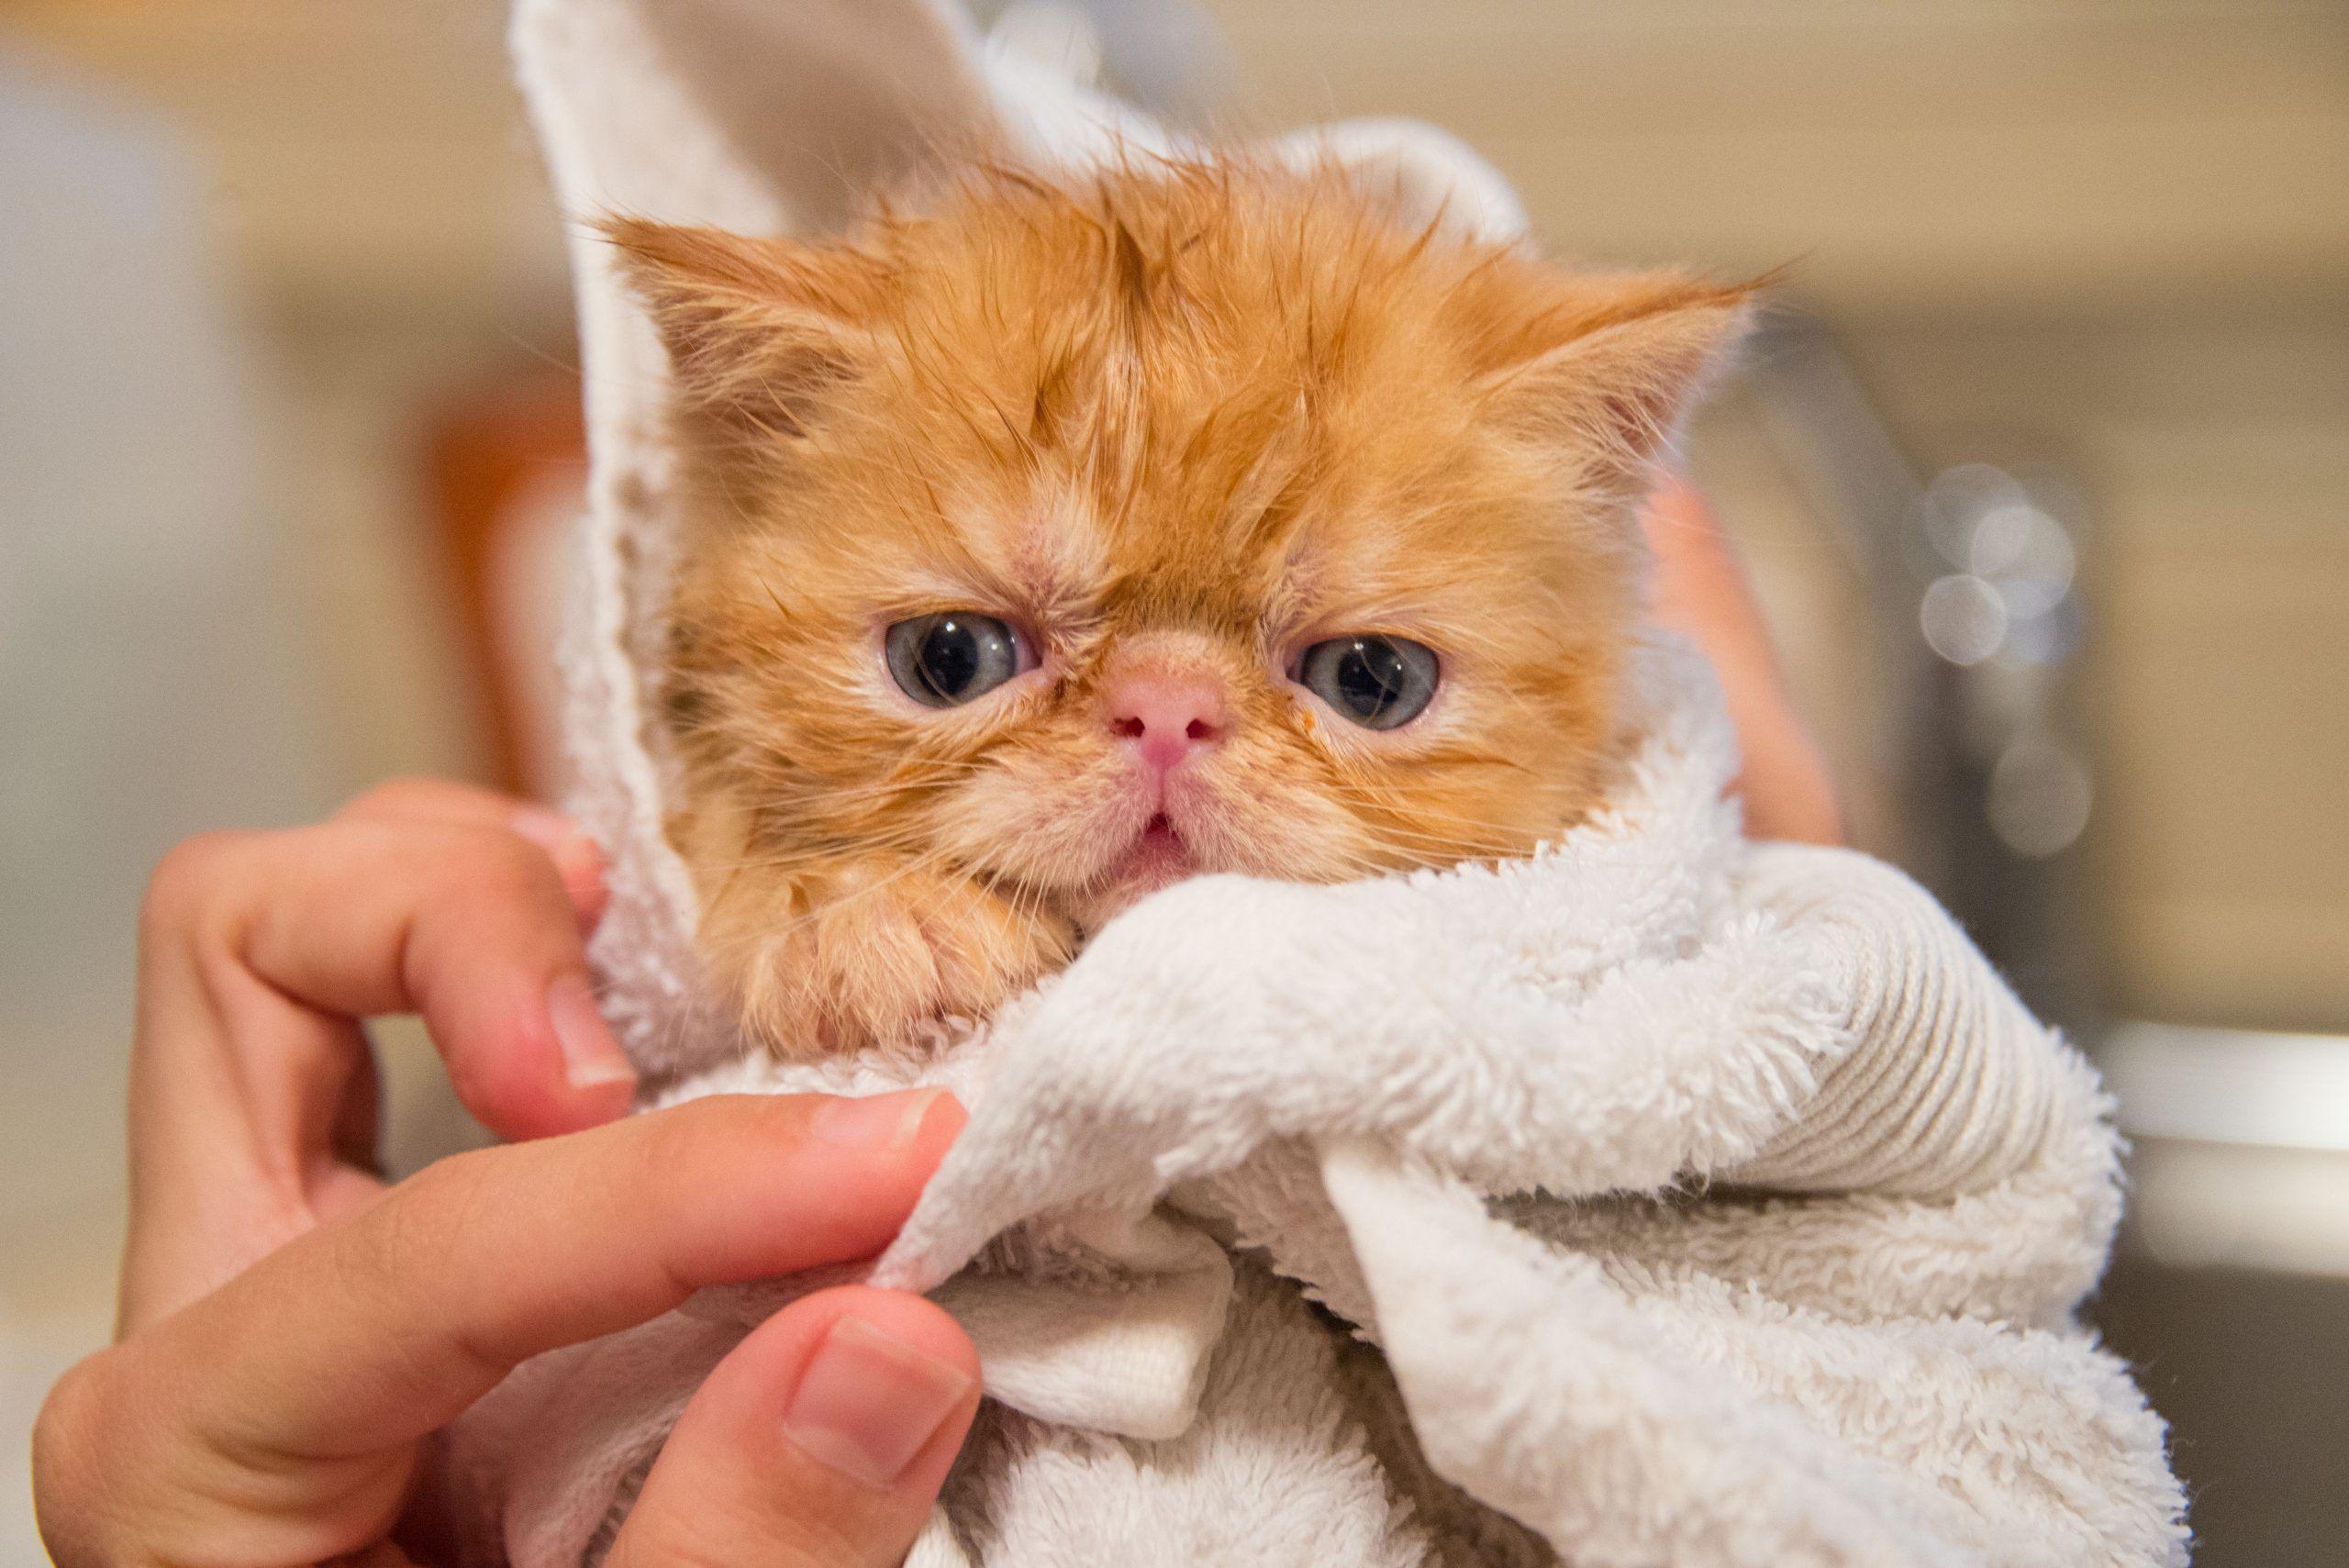 Curiosidades sobre gatos: Gatos precisam tomar banho?